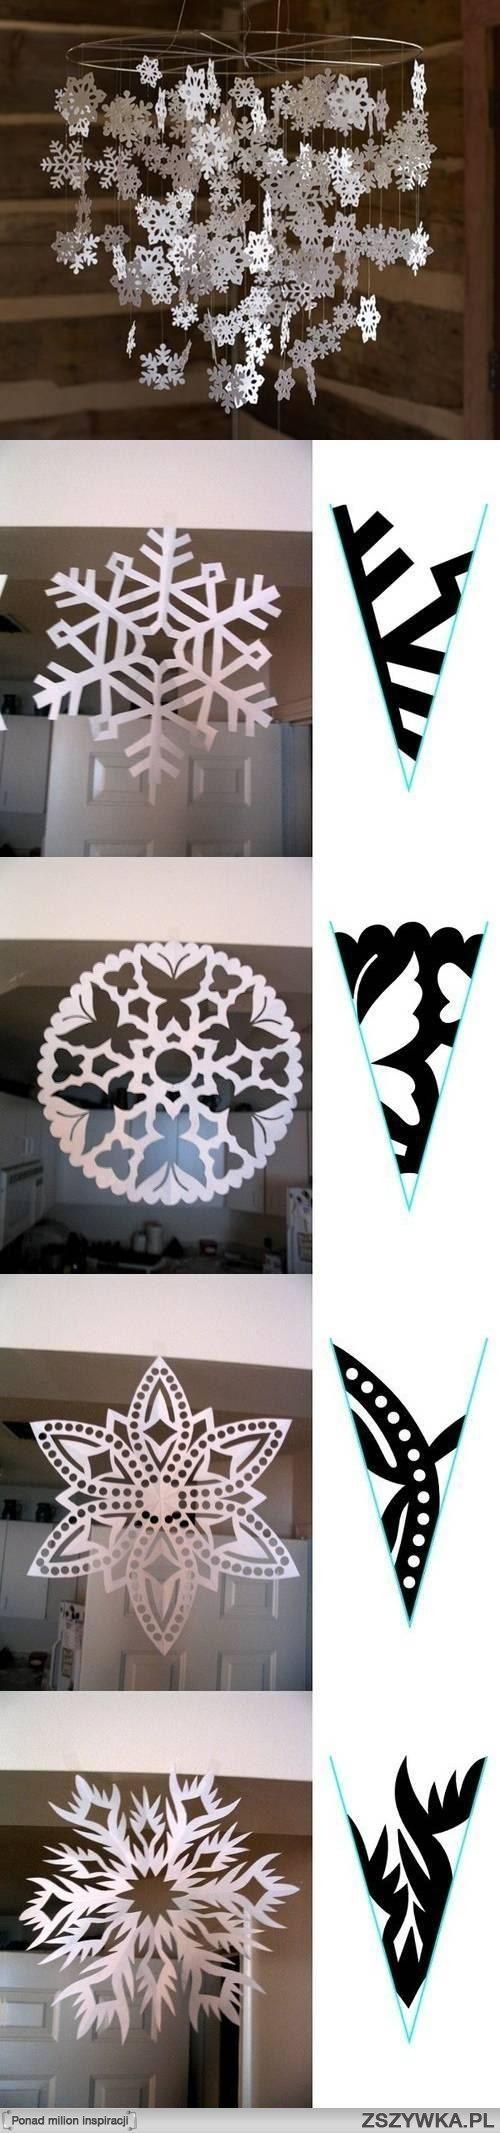 suspension flocons de neige #deconoel #decorationnoel